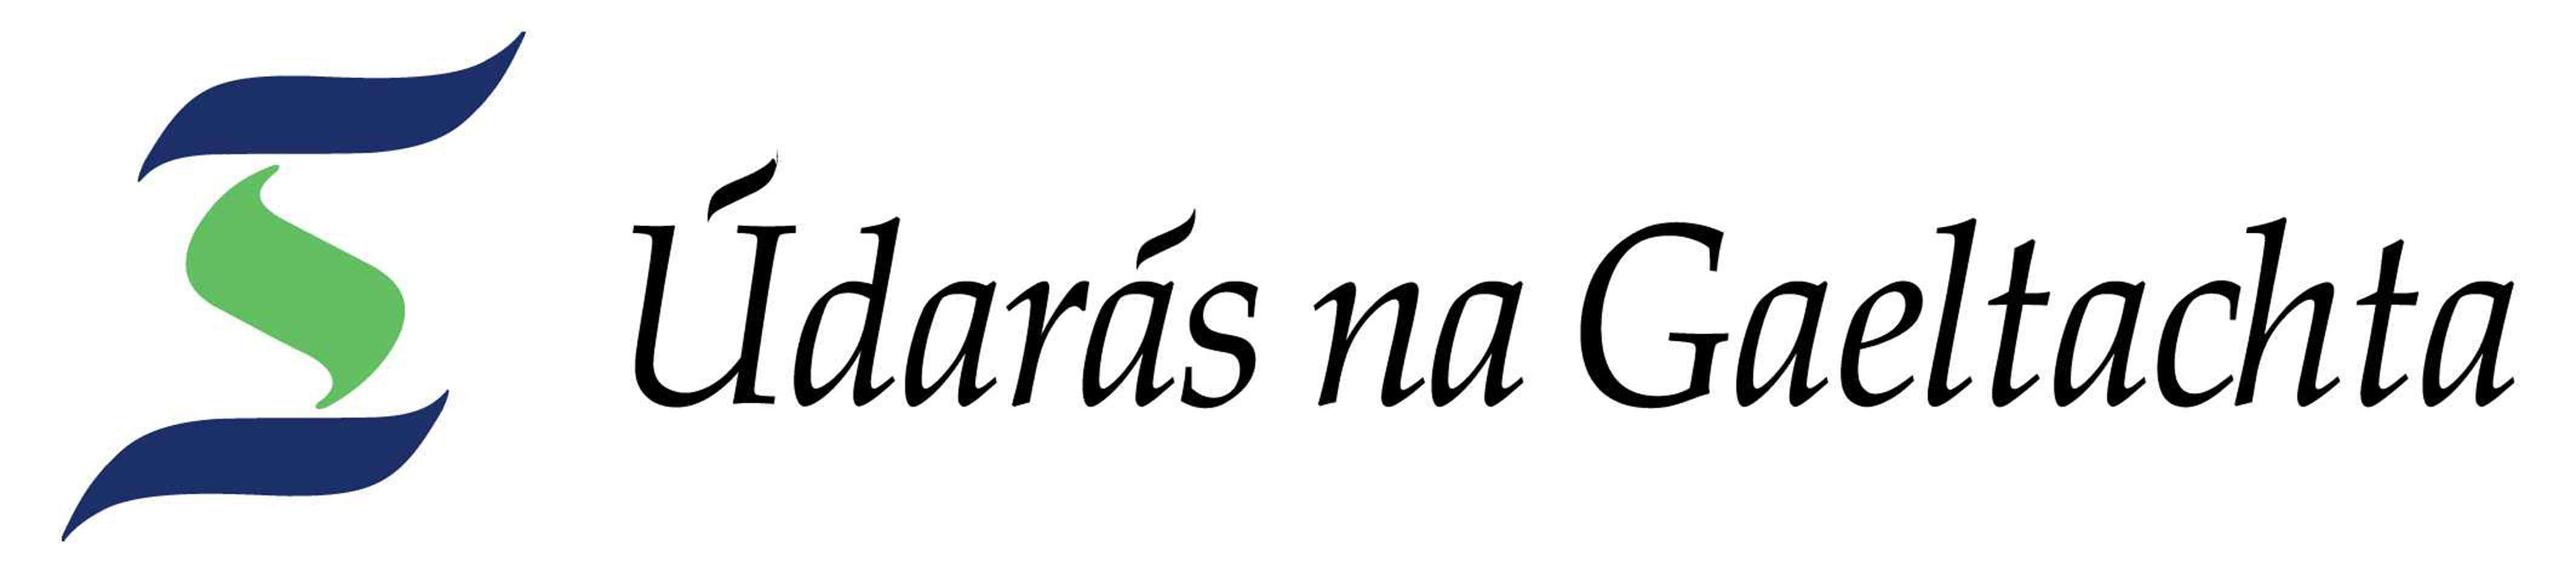 Údarás na Gaeltachta